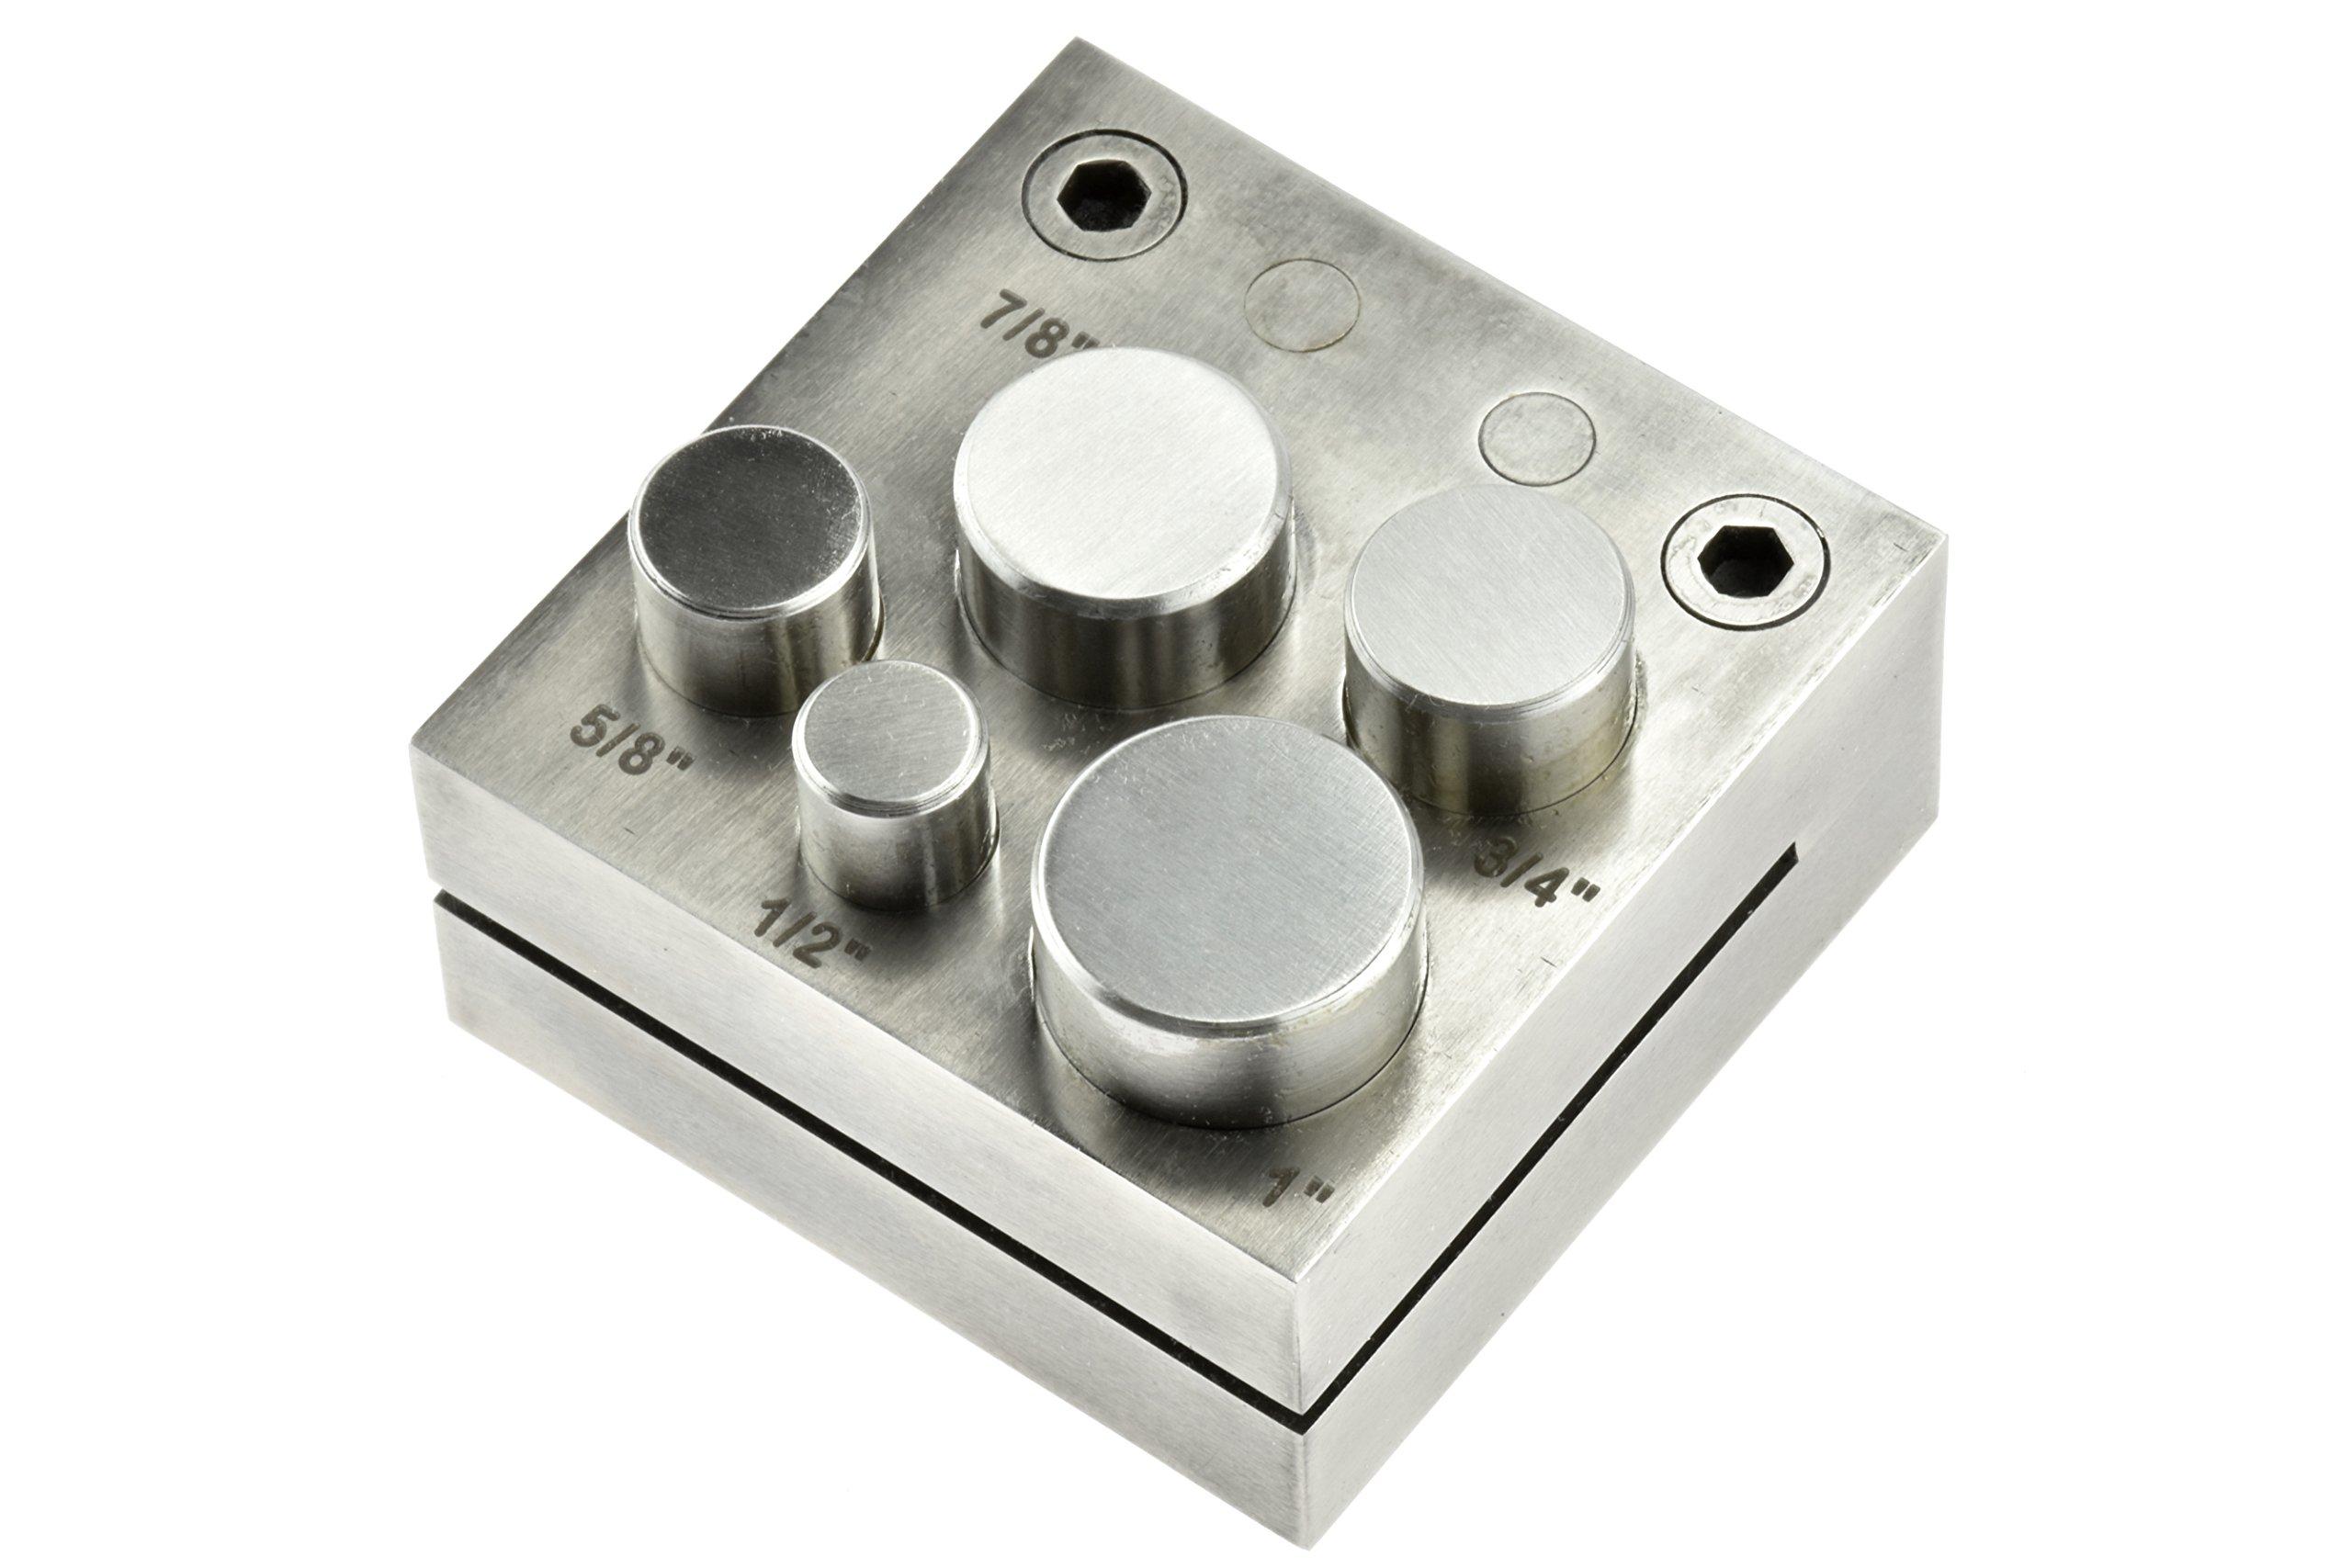 SE JT-SP305 Disc Cutter Set (6 PC.)